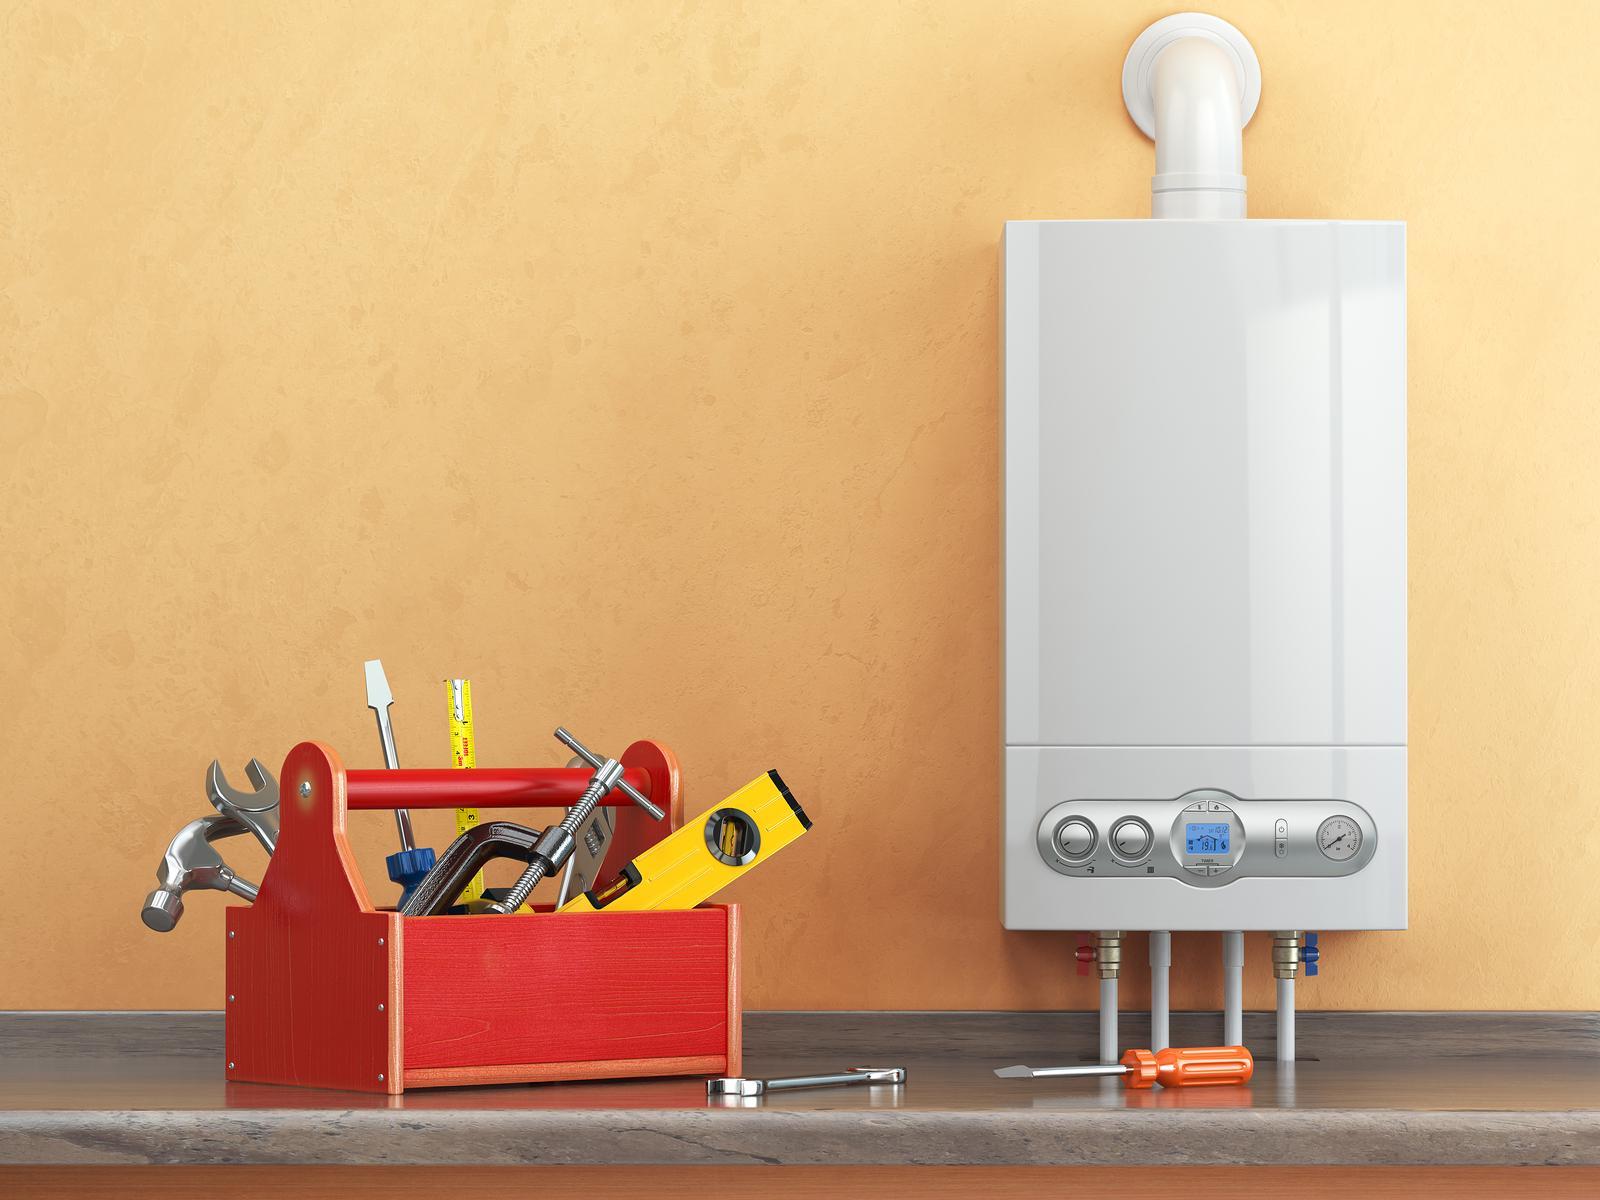 Check the Boiler